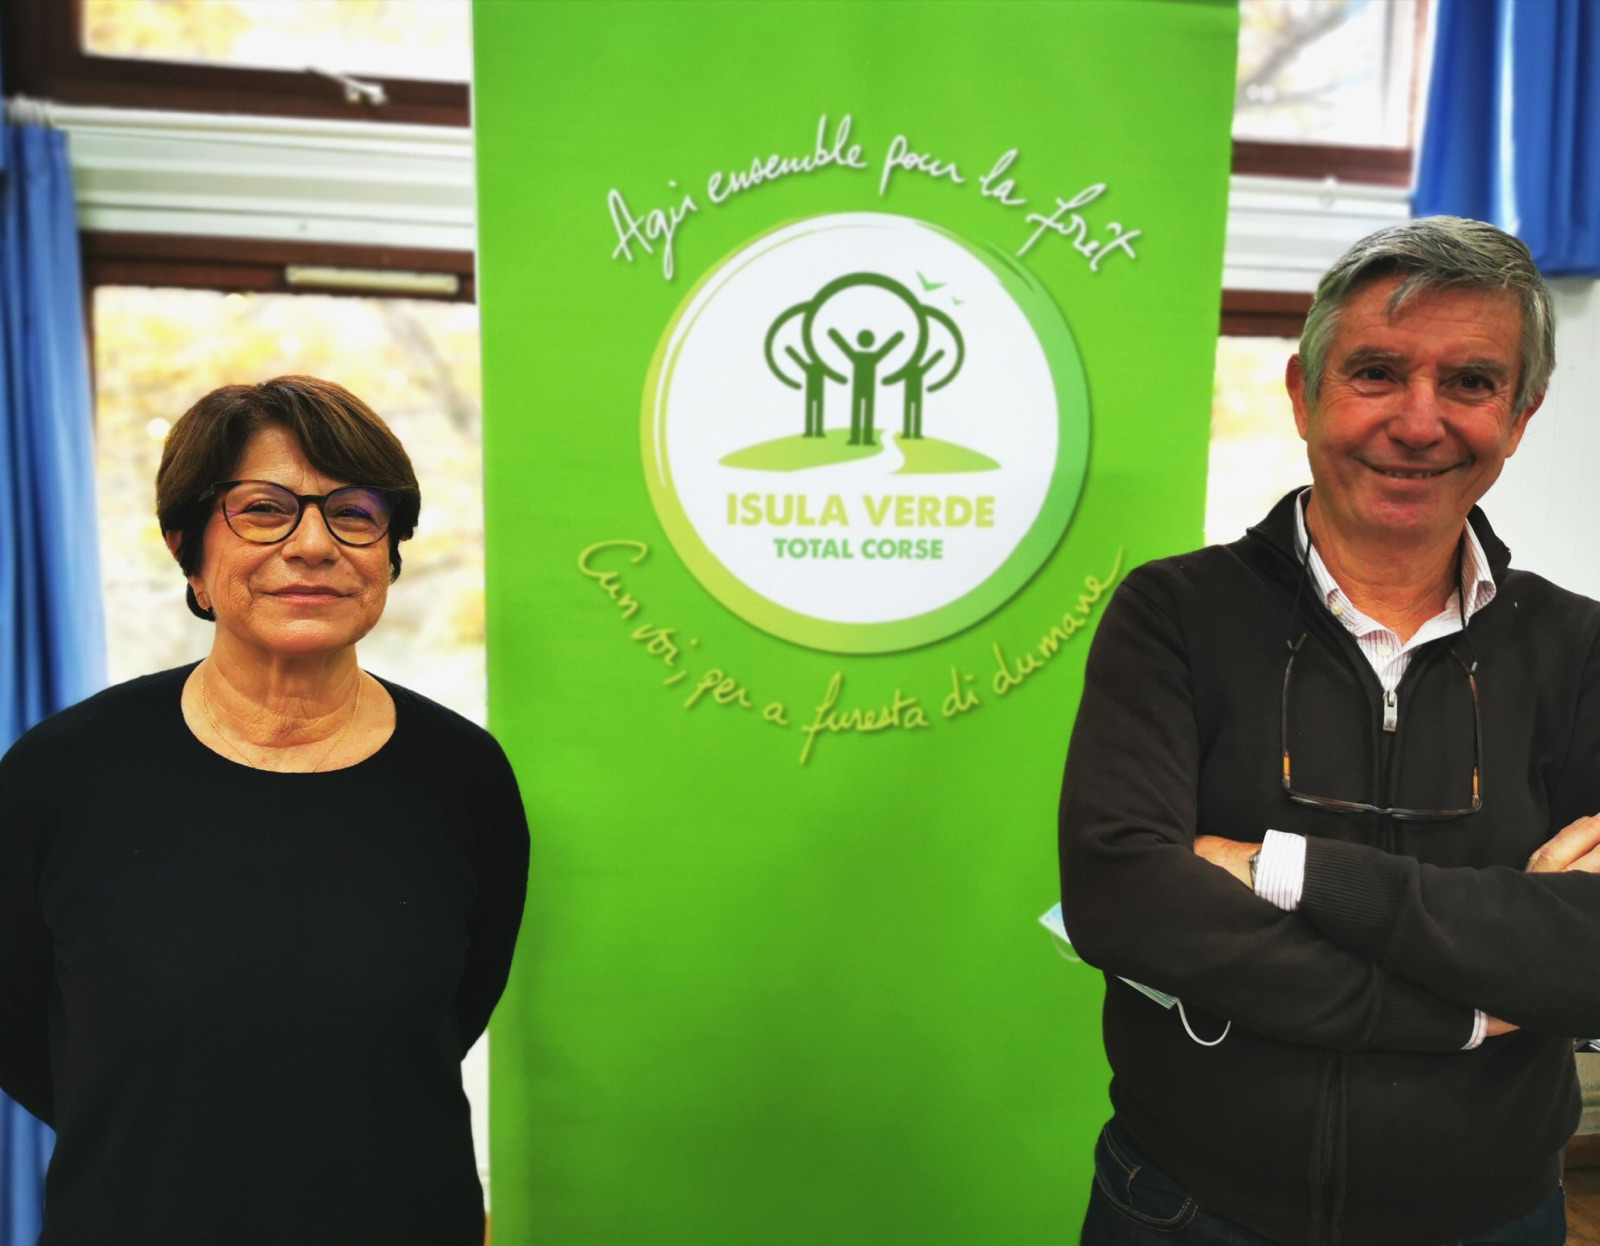 Marie-Noëlle Leonelli, présidente de Total Corse, et Pascal Vivarelli, président de l'ADPEP 2B, ont signé une nouvelle convention